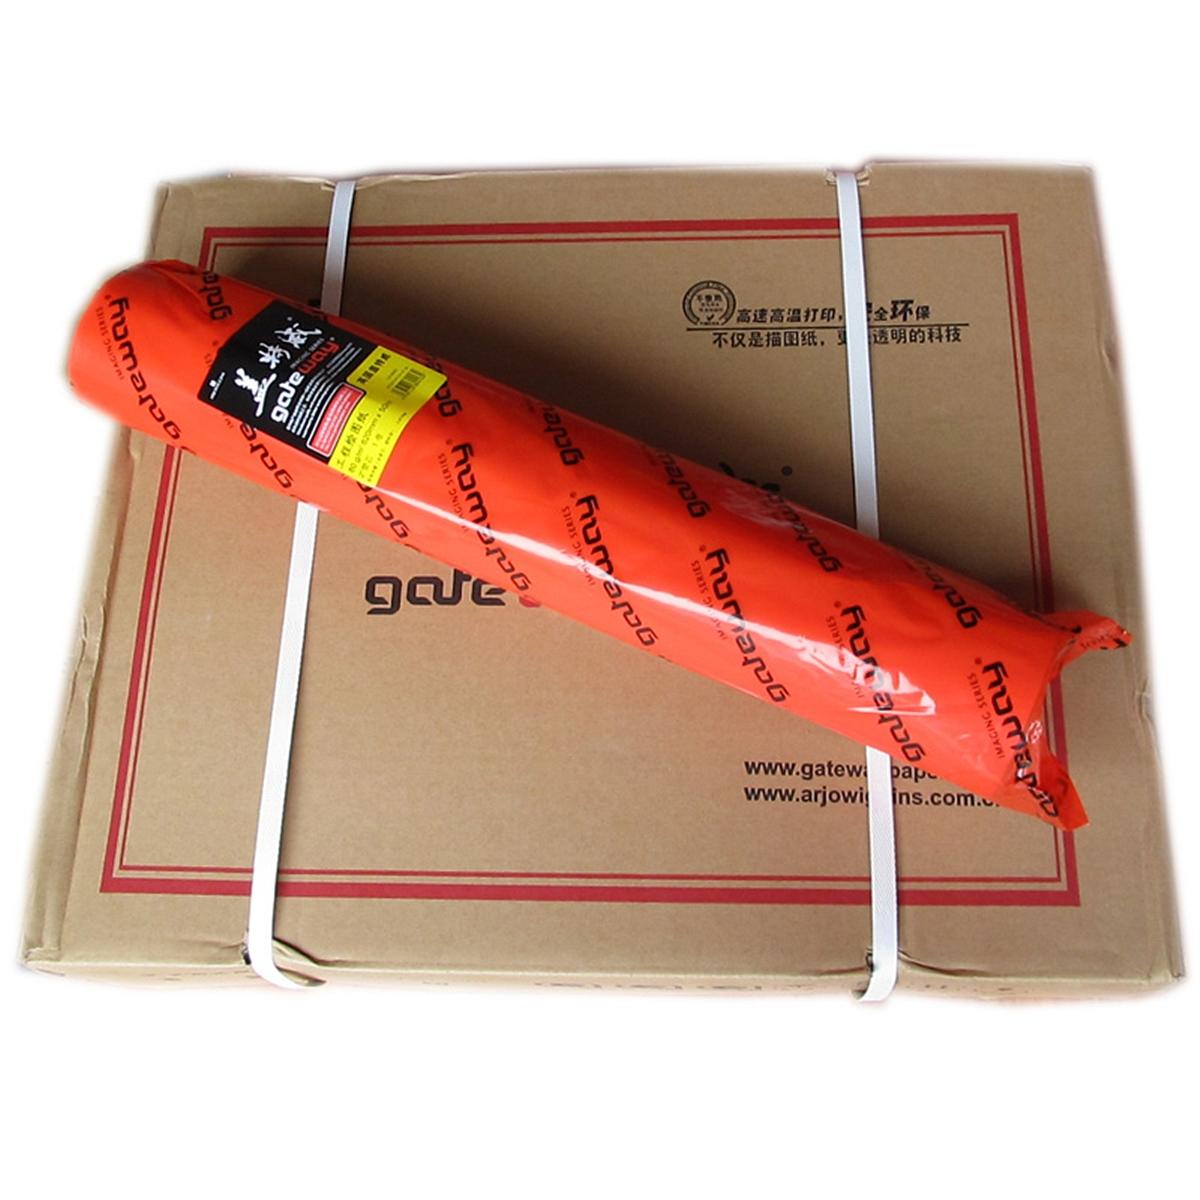 盖特威 80G/440*50A2绘图纸10卷/箱 (单位:箱)